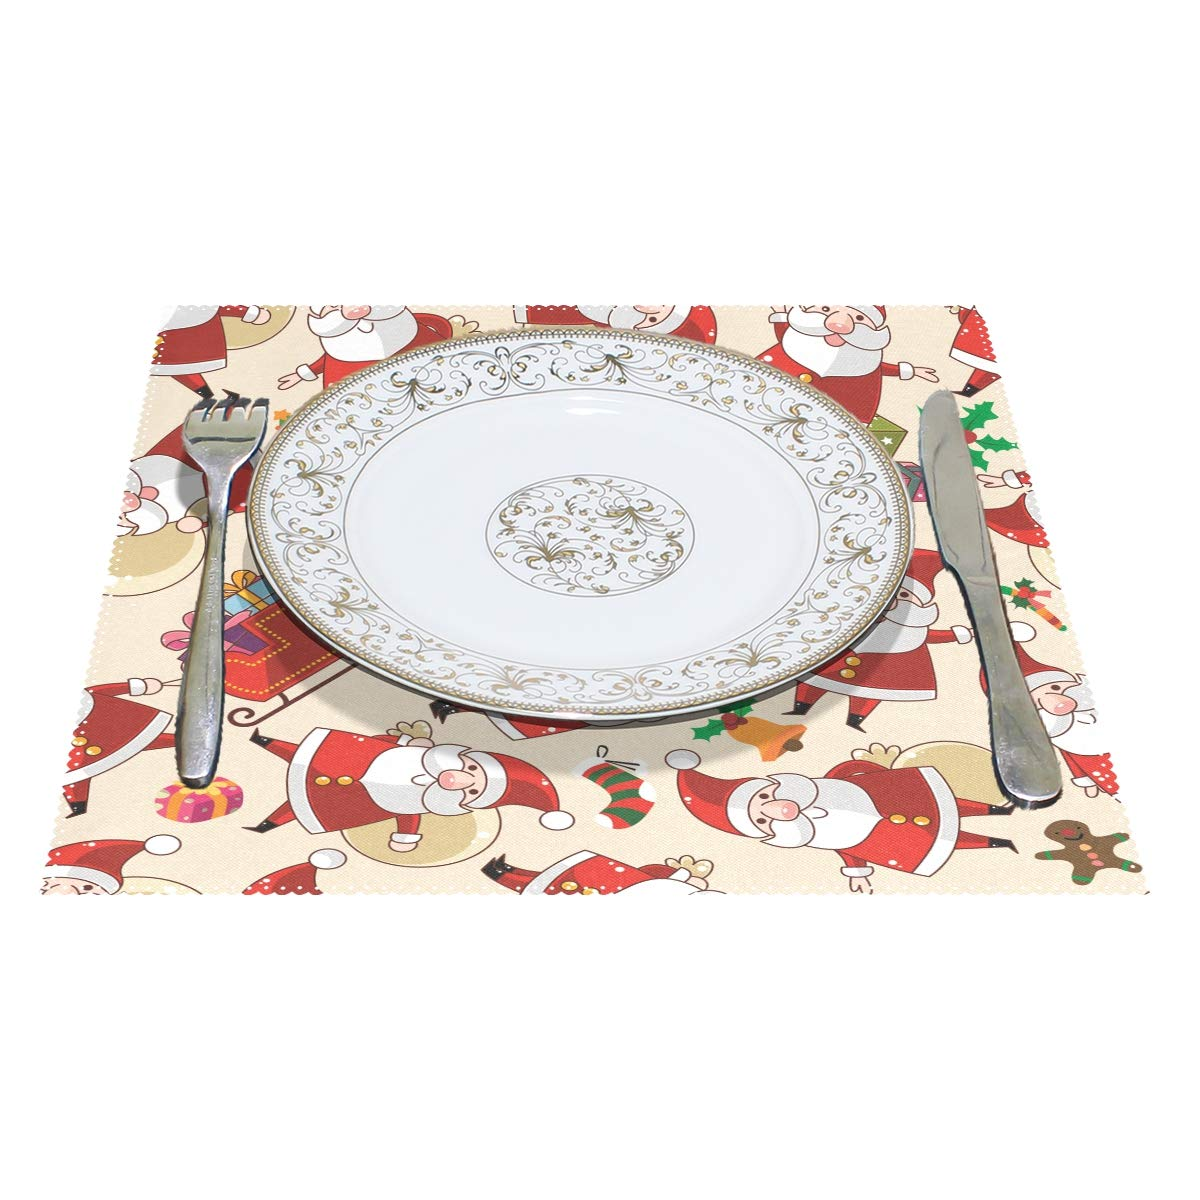 /1/place Drap ameublement Meubles Grand Foulard Couvre-lit Canap/é tissu lierre vert/